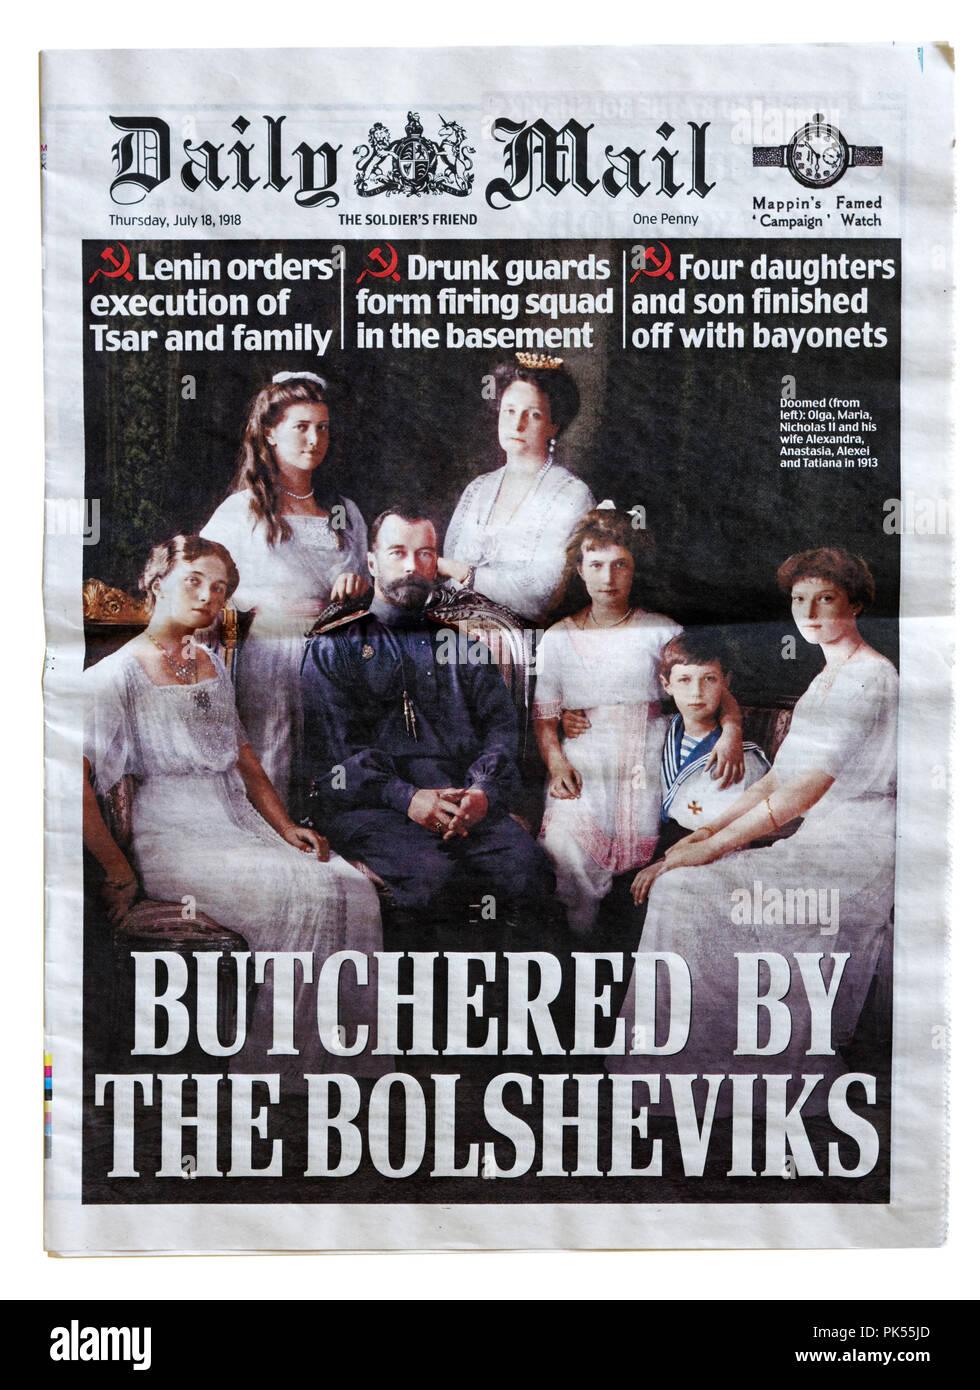 Première page du Daily Mail avec le titre massacrés par les bolcheviks, pour commémorer l'anniversaire de l'exécution des Romanov Photo Stock